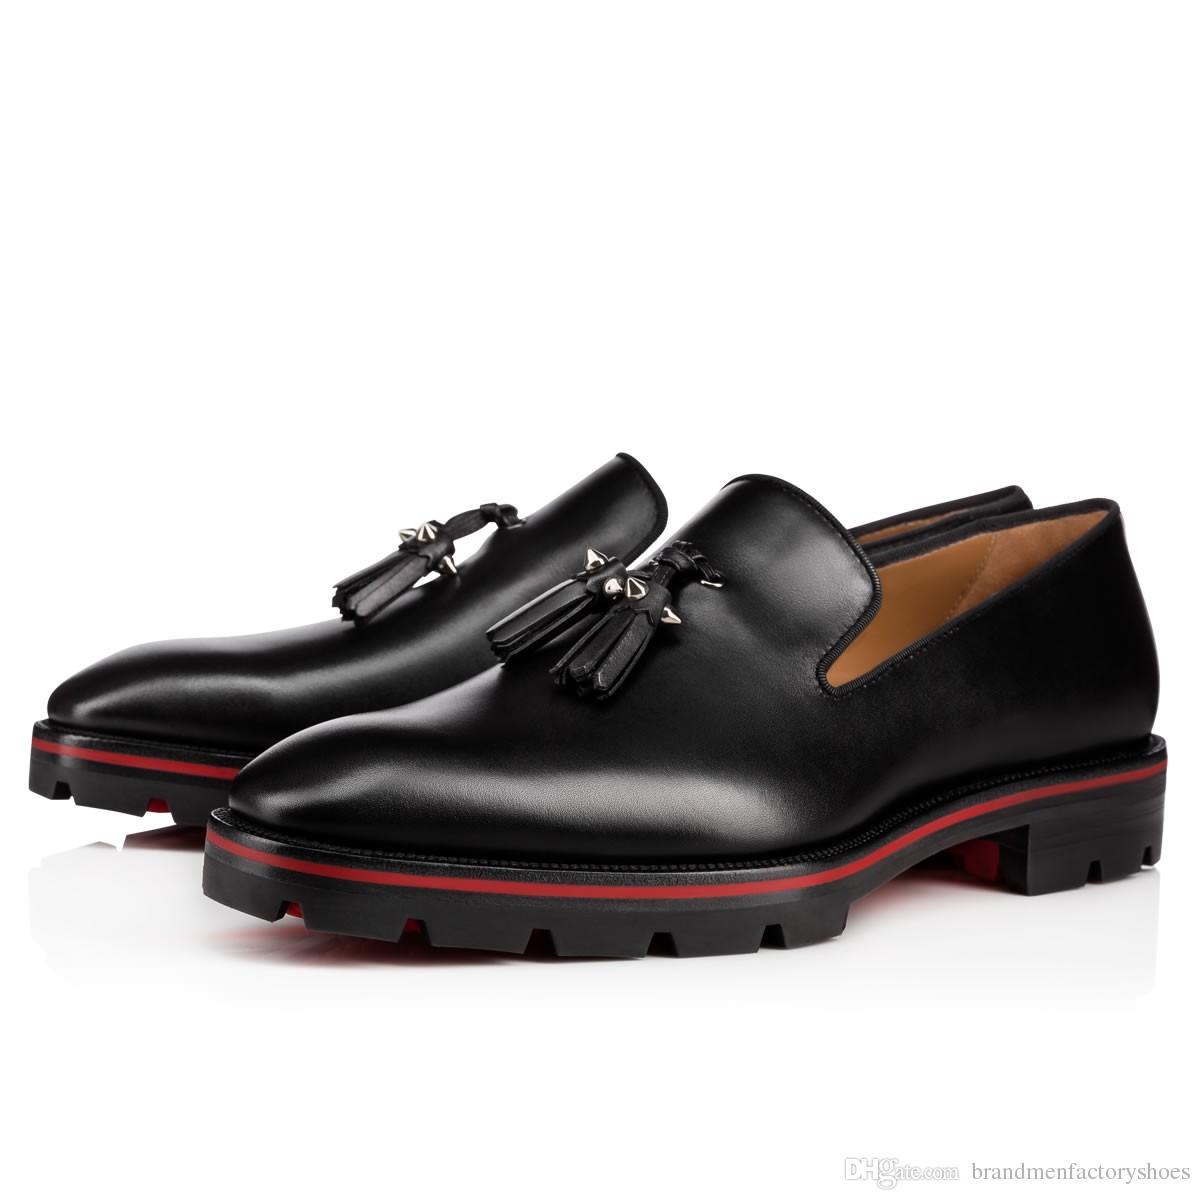 2018 novos homens de moda sapatos de couro preto mocassins spike stud sapatos formais homens sapatos de negócios franja sola vermelha